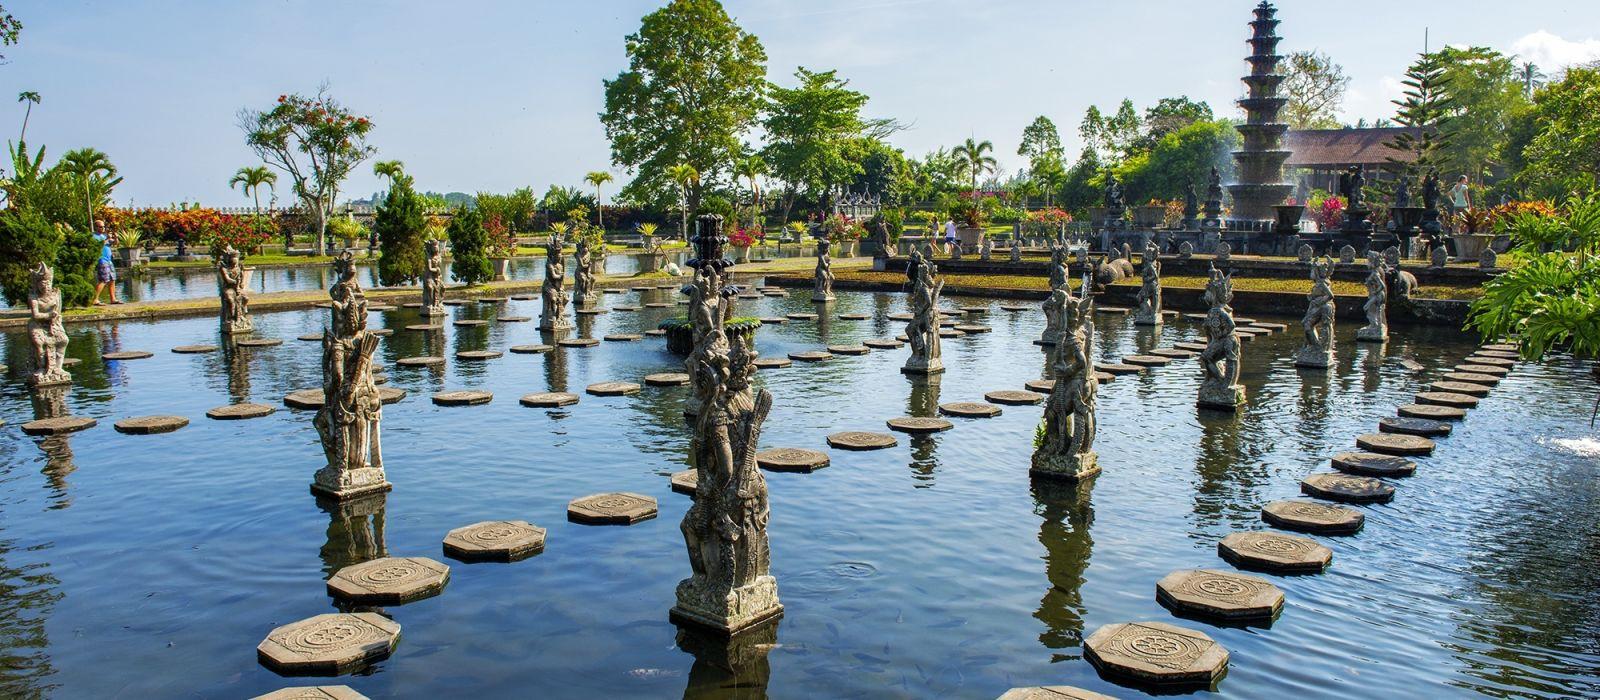 Bali Rundreise – Kultur, Natur und Traumstrände Urlaub 4